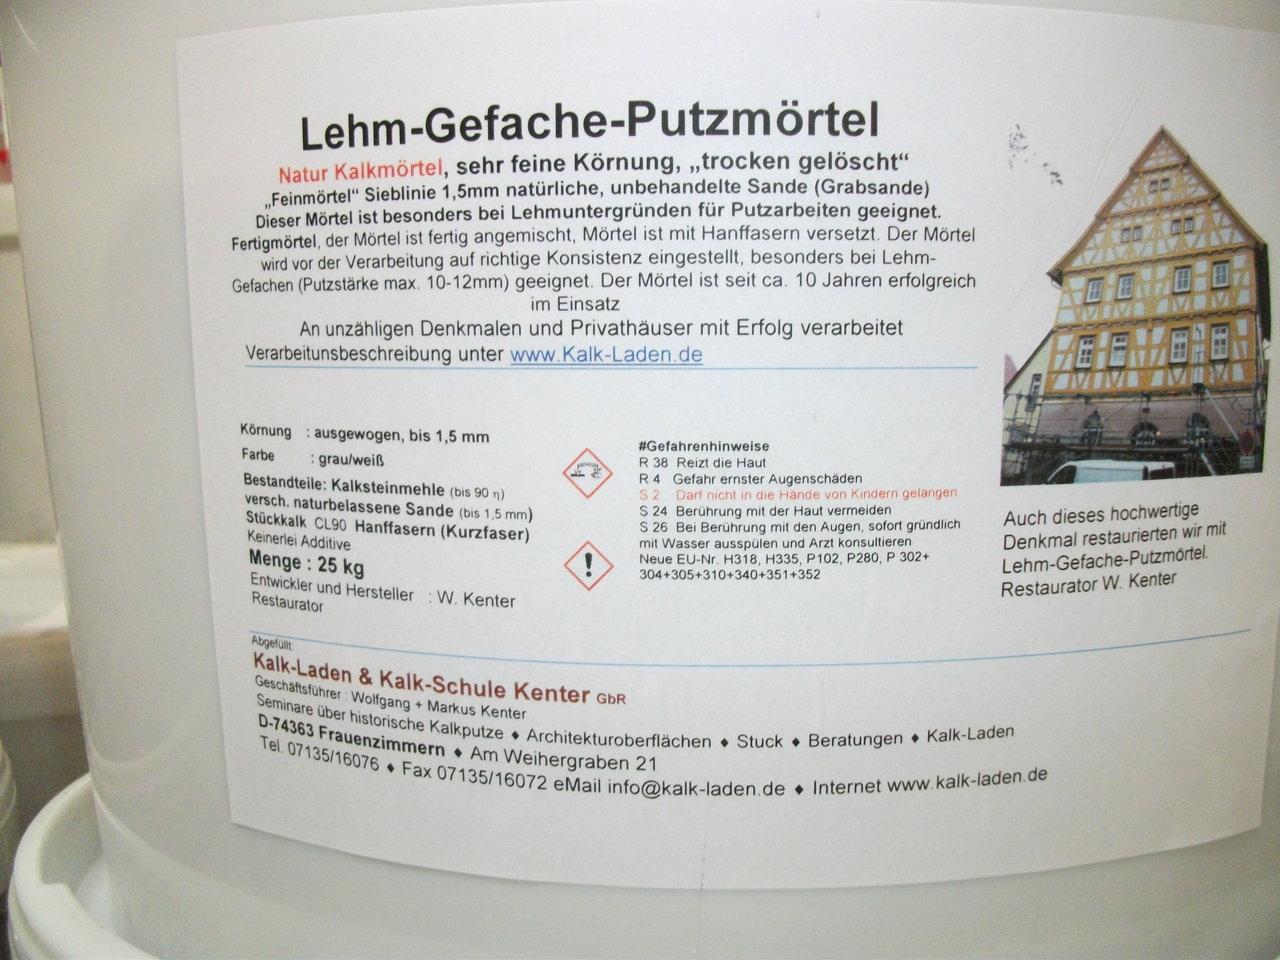 Lehm-Gefache-Putzmörtel, 25 Kg